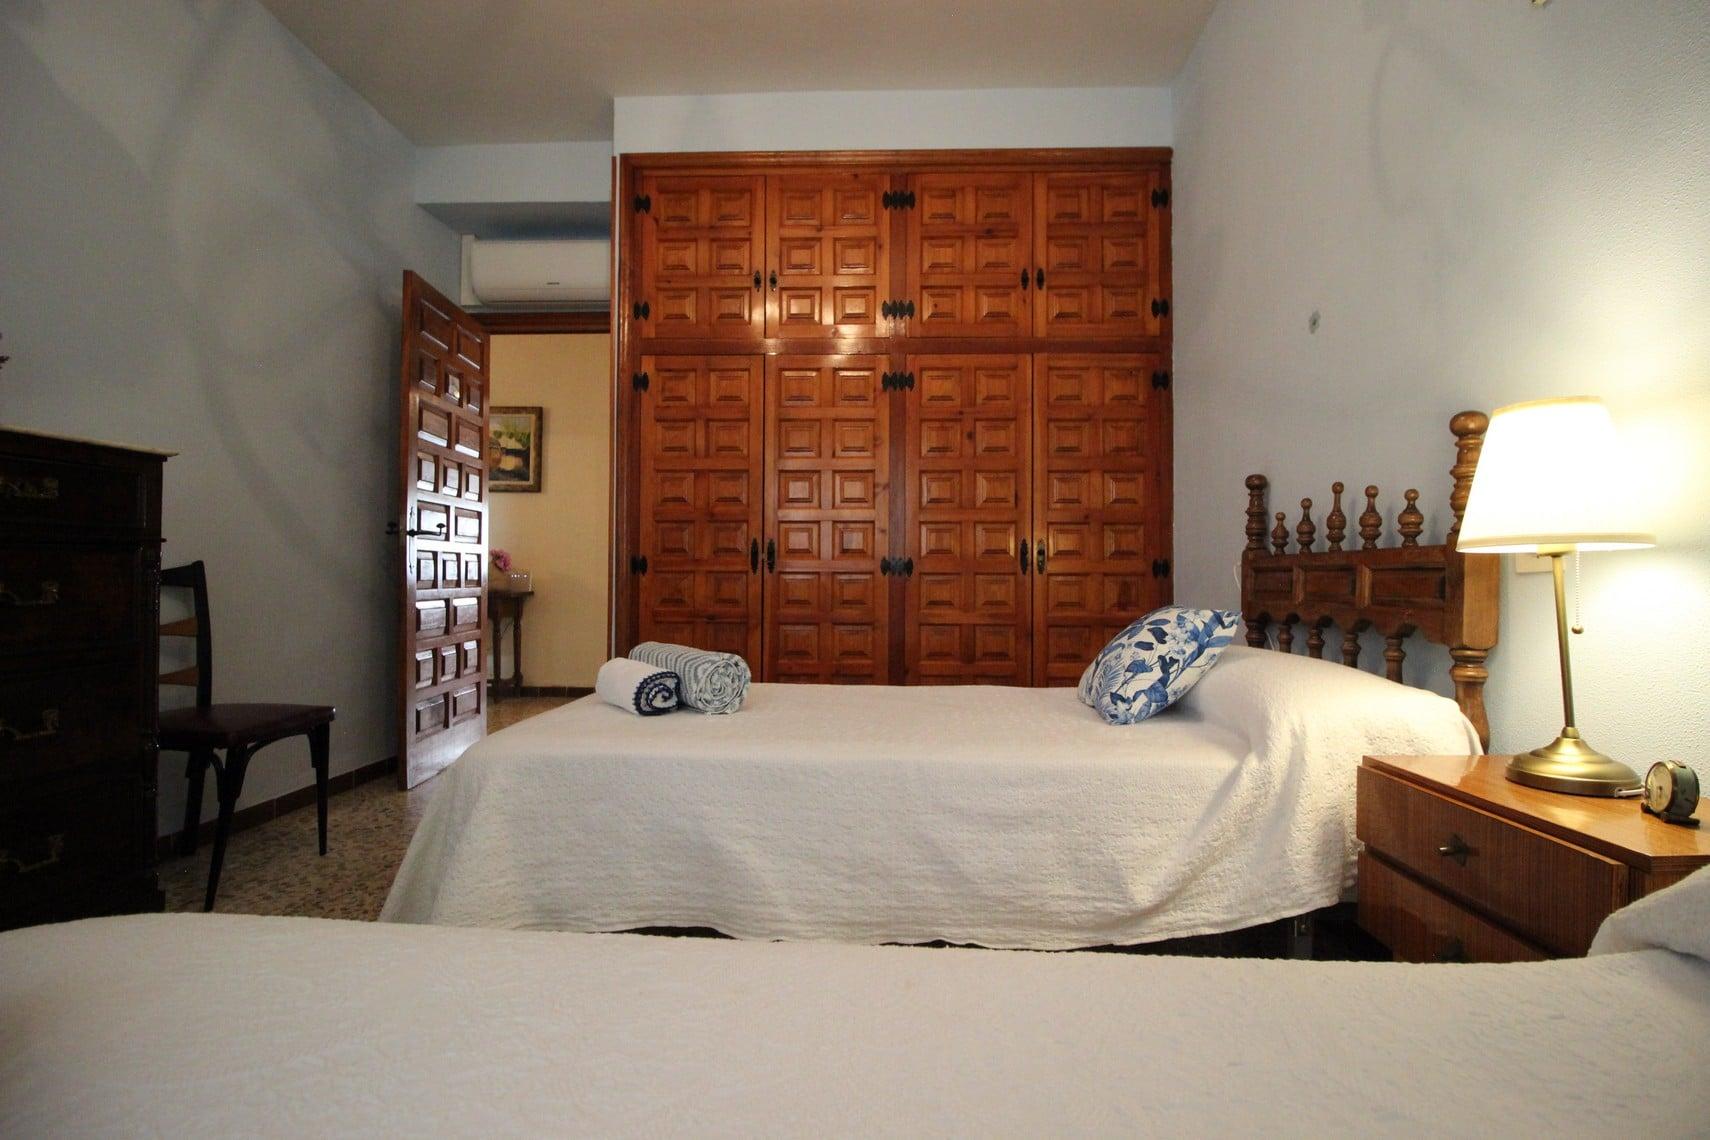 habitación3_las_hazas jarandilla008